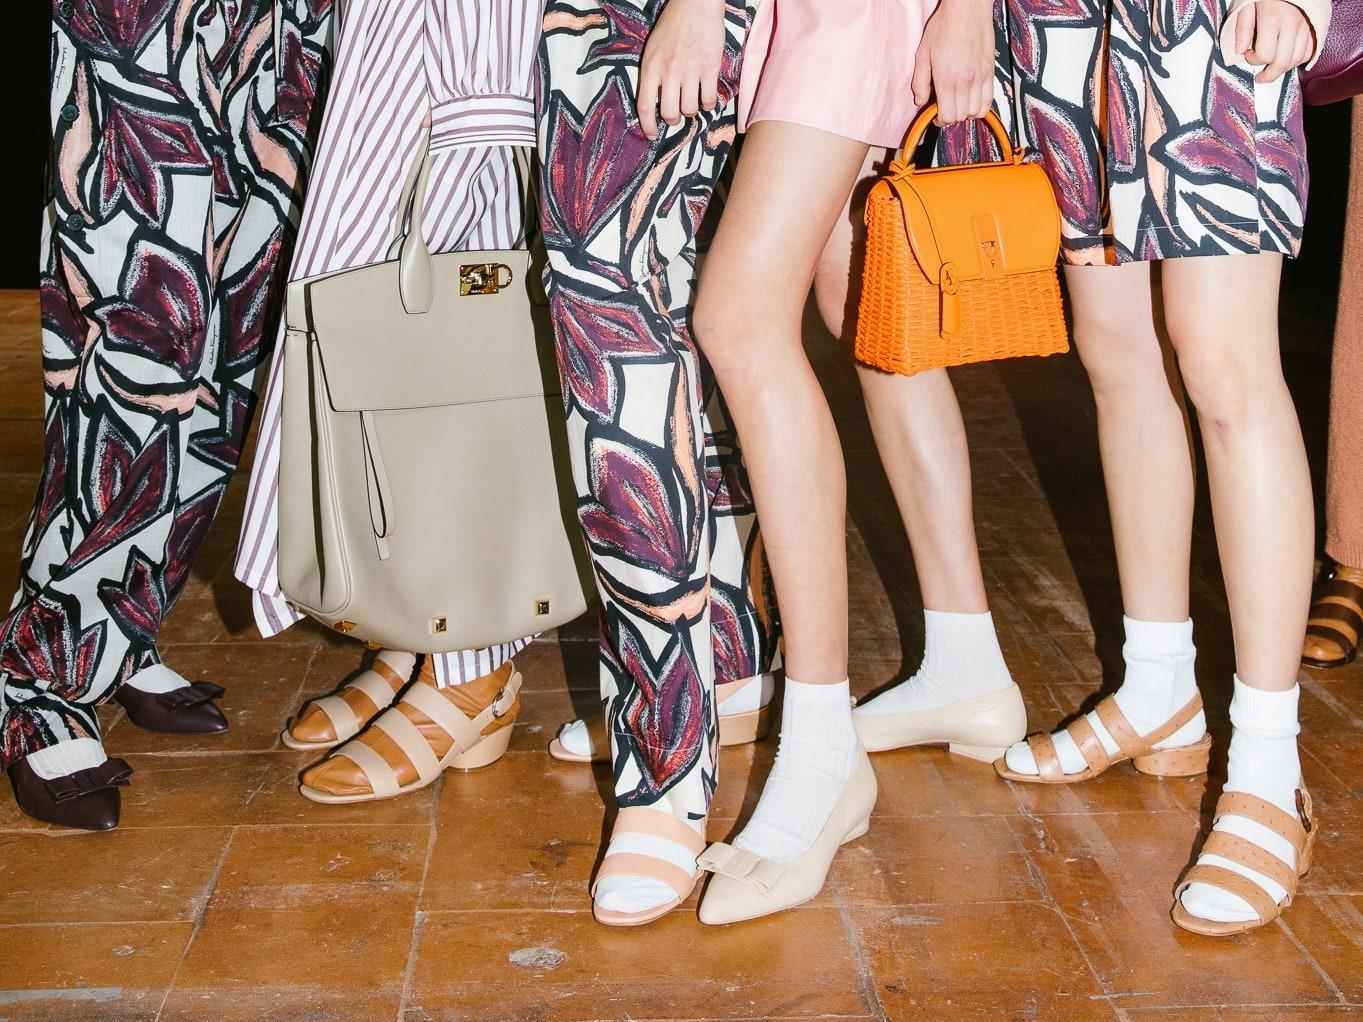 Şosete la sandale – trendul acestei veri